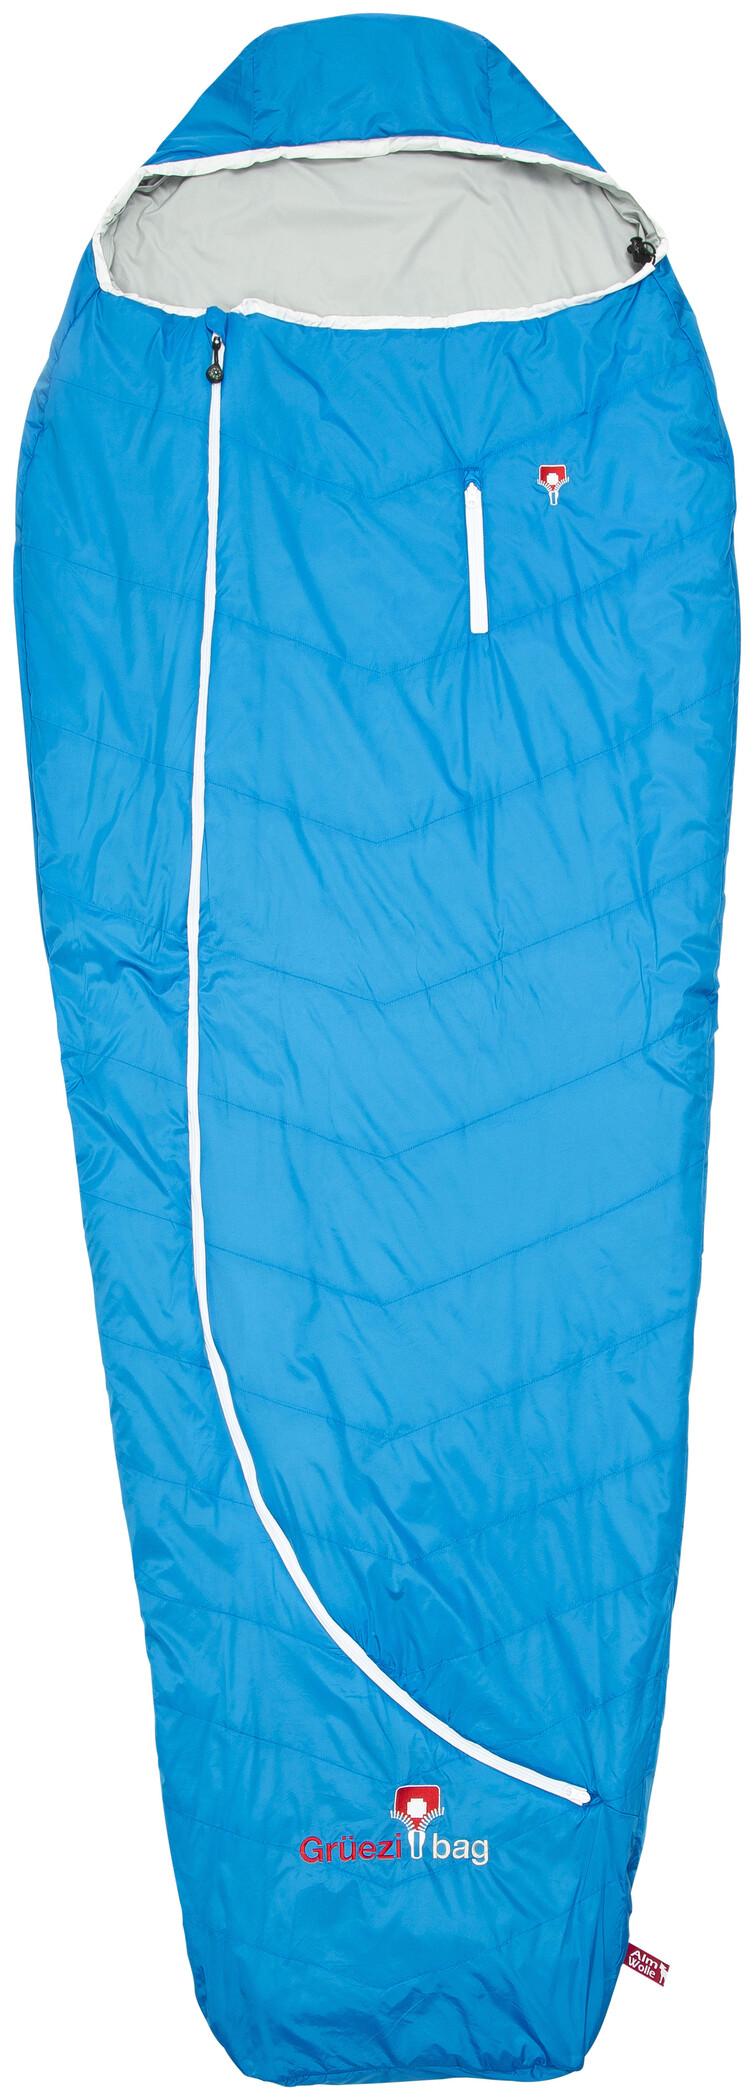 Grüezi-Bag Biopod Wool Plus Sovepose, imperial blue | Transport og opbevaring > Tilbehør